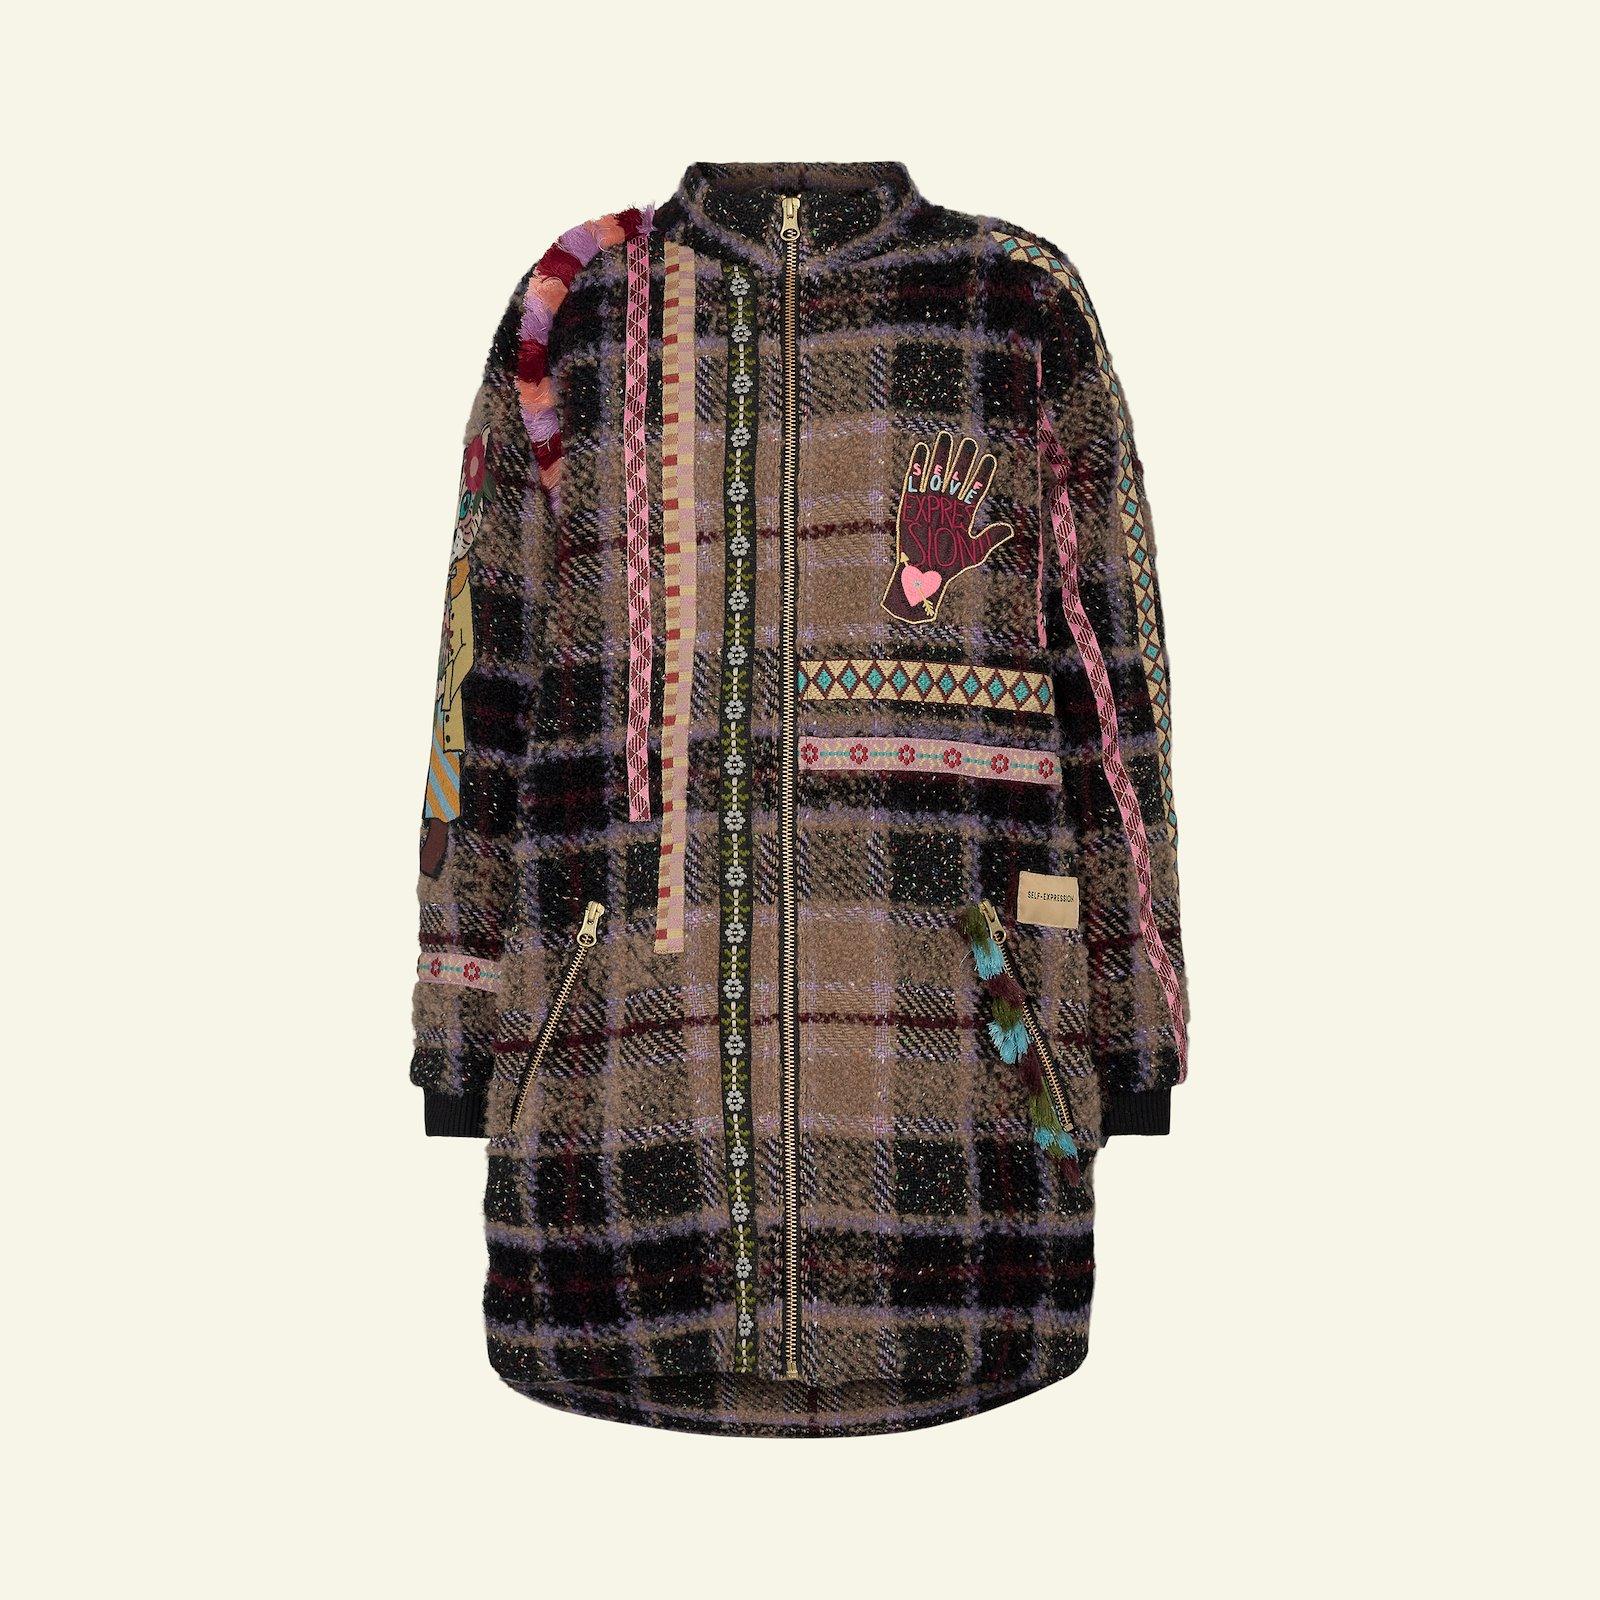 Jacket with raglan sleeves, 116/6y p64019_300228_3243_22399_22409_22410_22364_22411_22402_22360_22362_24842_24839_sskit